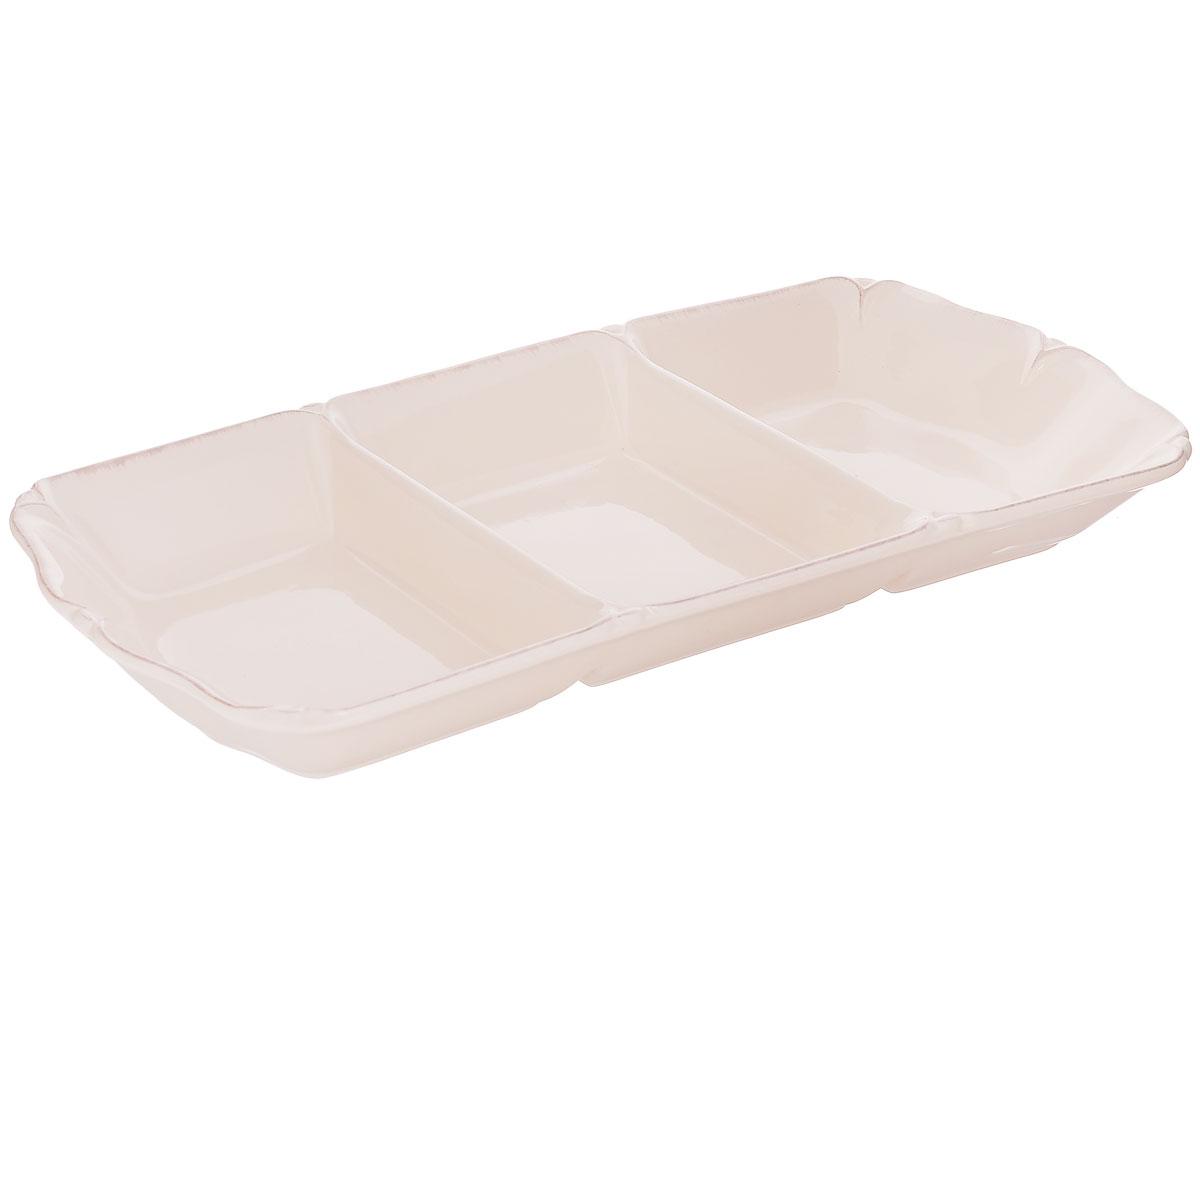 Менажница Lillo Ideal, цвет: молочный, 3 секции. 214210214210Изящная менажница Lillo Ideal, выполненная из керамики, состоит из трех секций. Изделие декорировано рельефным узором по краю. Некоторые блюда можно подавать только в менажнице, чтобы не произошло смешение вкусовых оттенков гарниров. Также менажница может быть использована в качестве посуды для нескольких видов салатов или закусок. Менажница Lillo Ideal станет замечательной деталью сервировки и великолепным украшением праздничного стола. Можно использовать в посудомоечной машине и микроволновой печи. Размер секции менажницы: 19 см х 13 см. Высота стенки менажницы: 4,5 см.